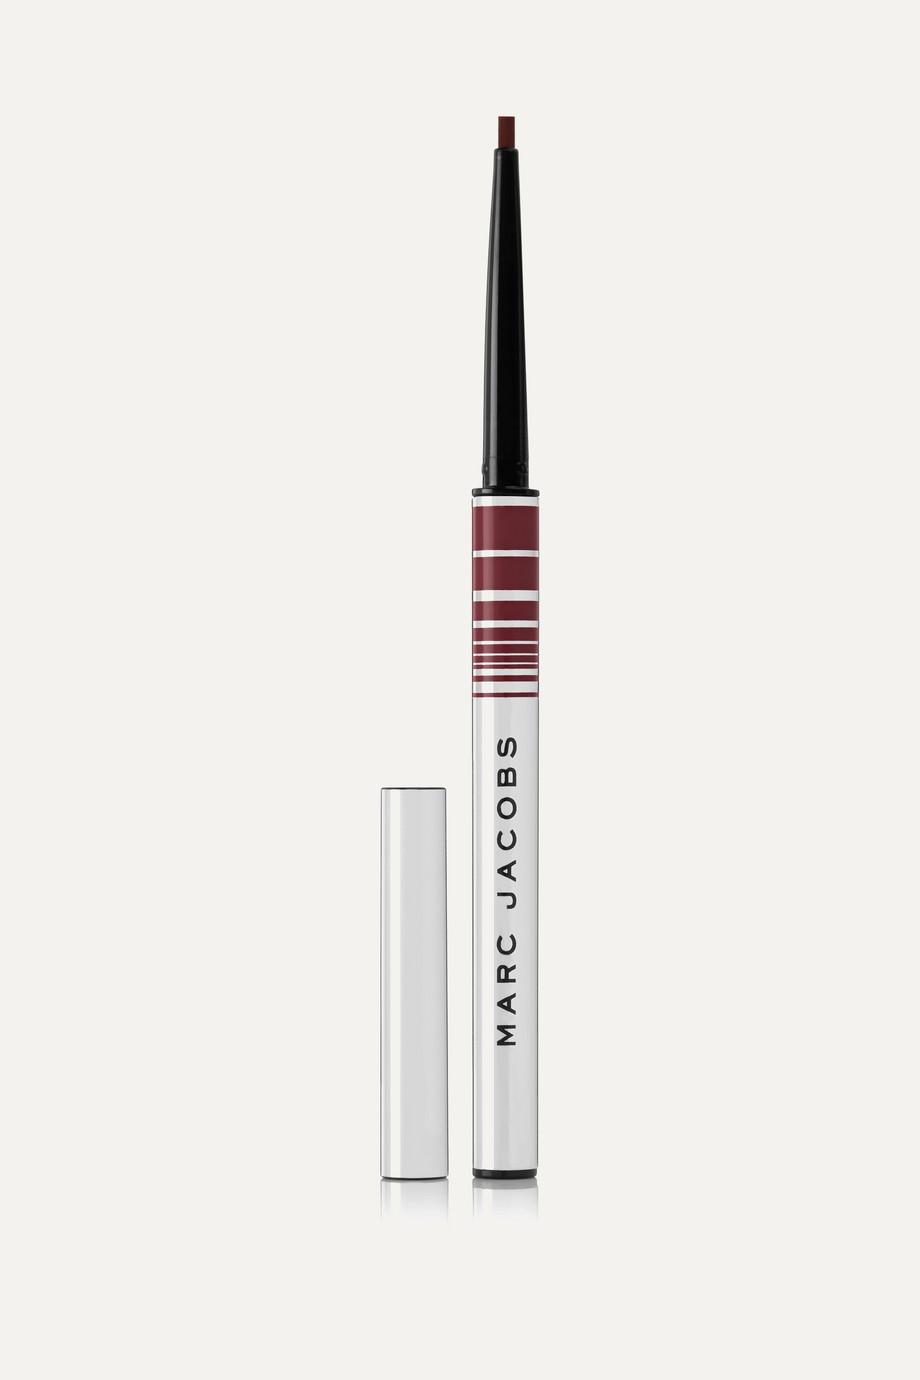 Marc Jacobs Beauty Fineliner Ultra-Skinny Gel Eye Crayon - Fine(Wine) 28